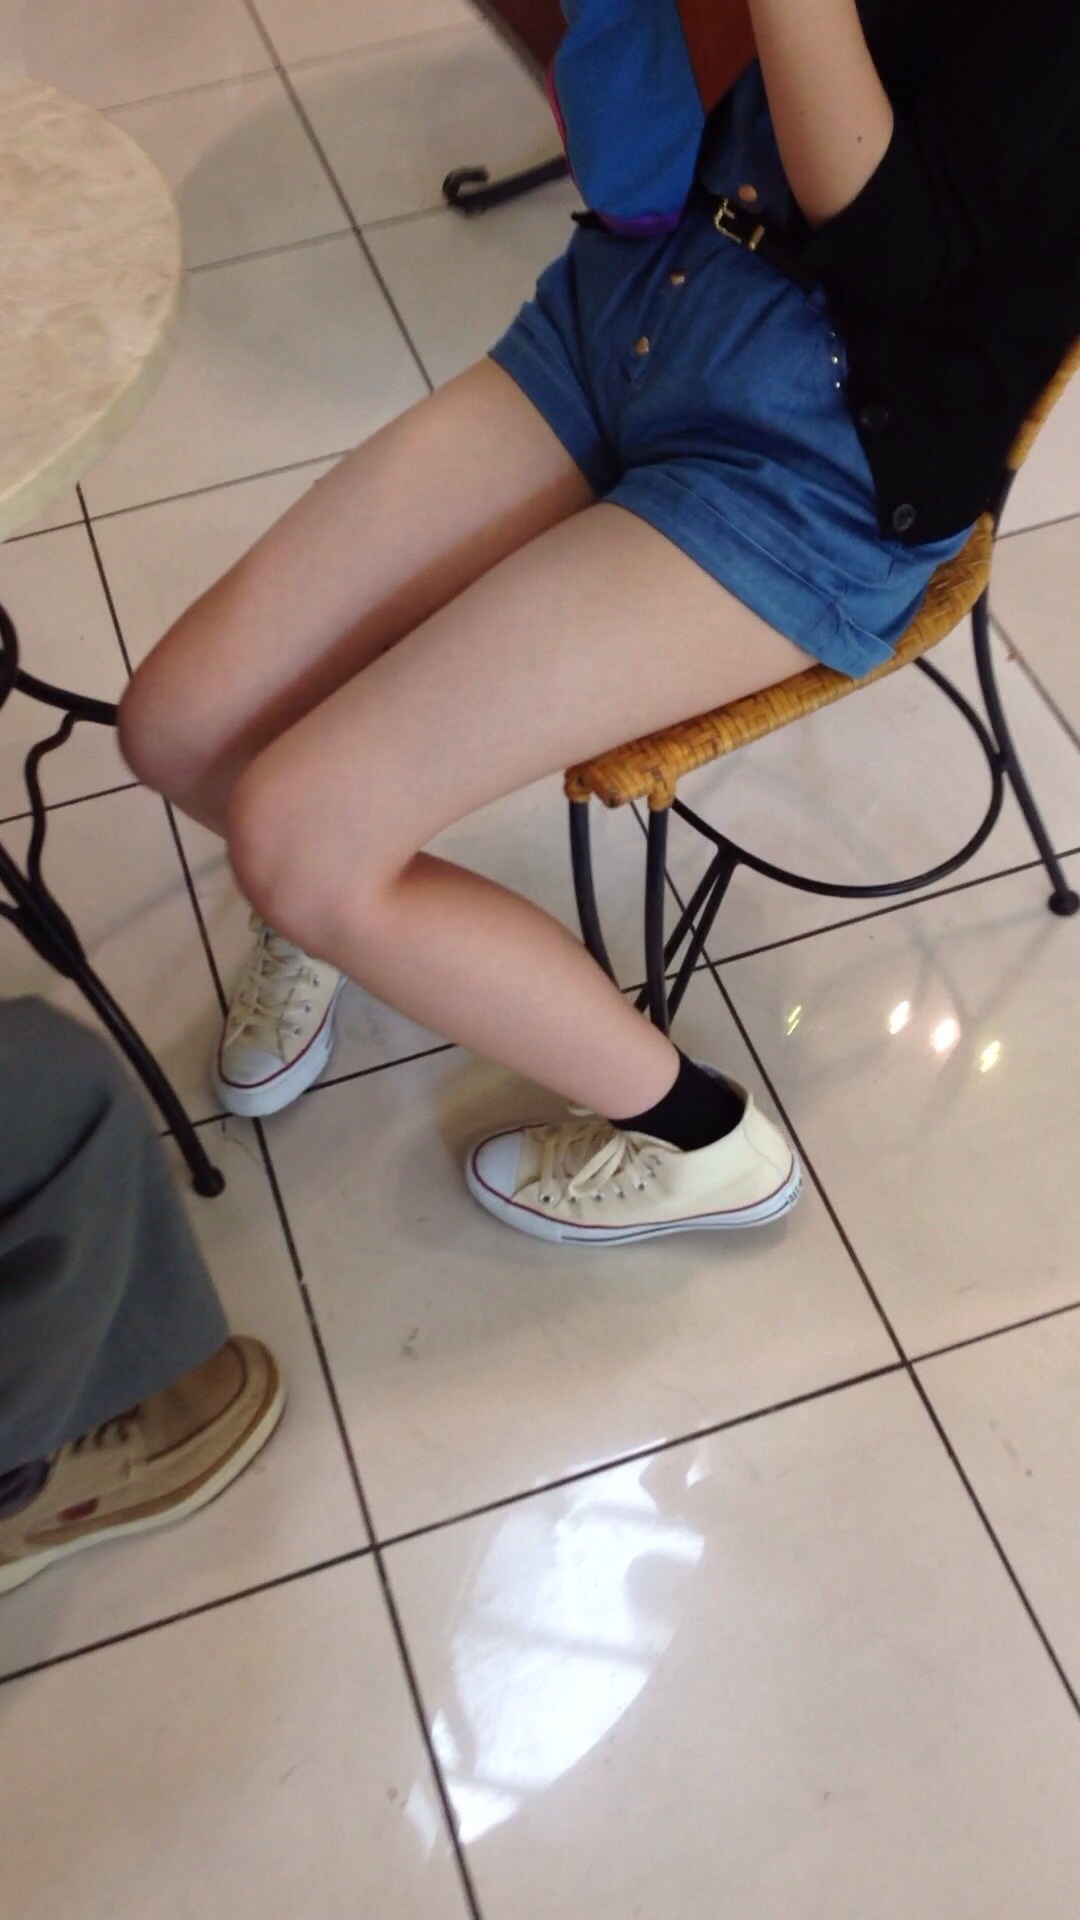 【ショーパンエロ画像】イイ尻と脚を惜しみなく見せるショーパン女子のありがたみwww 05